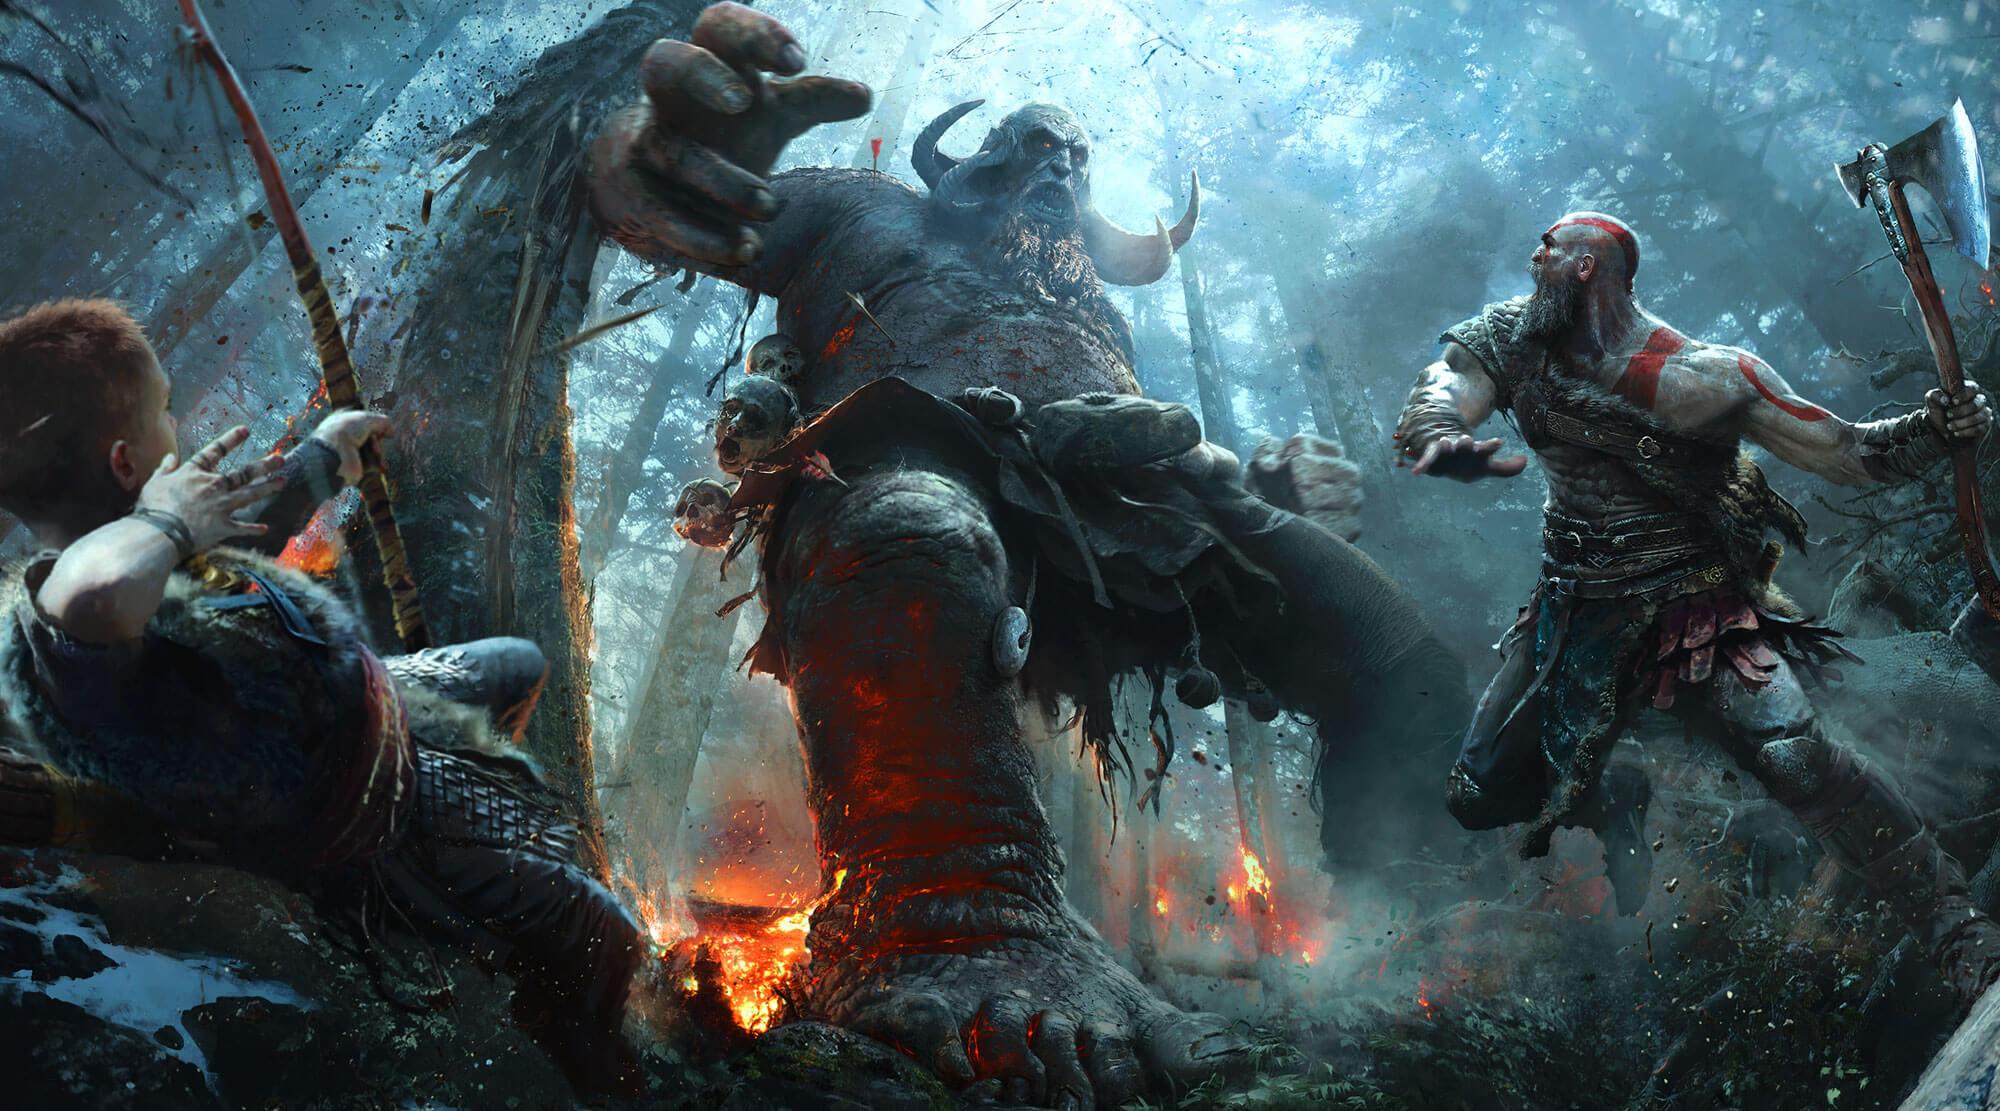 God of War 4'ün Çıkış Tarihi Açıklandı